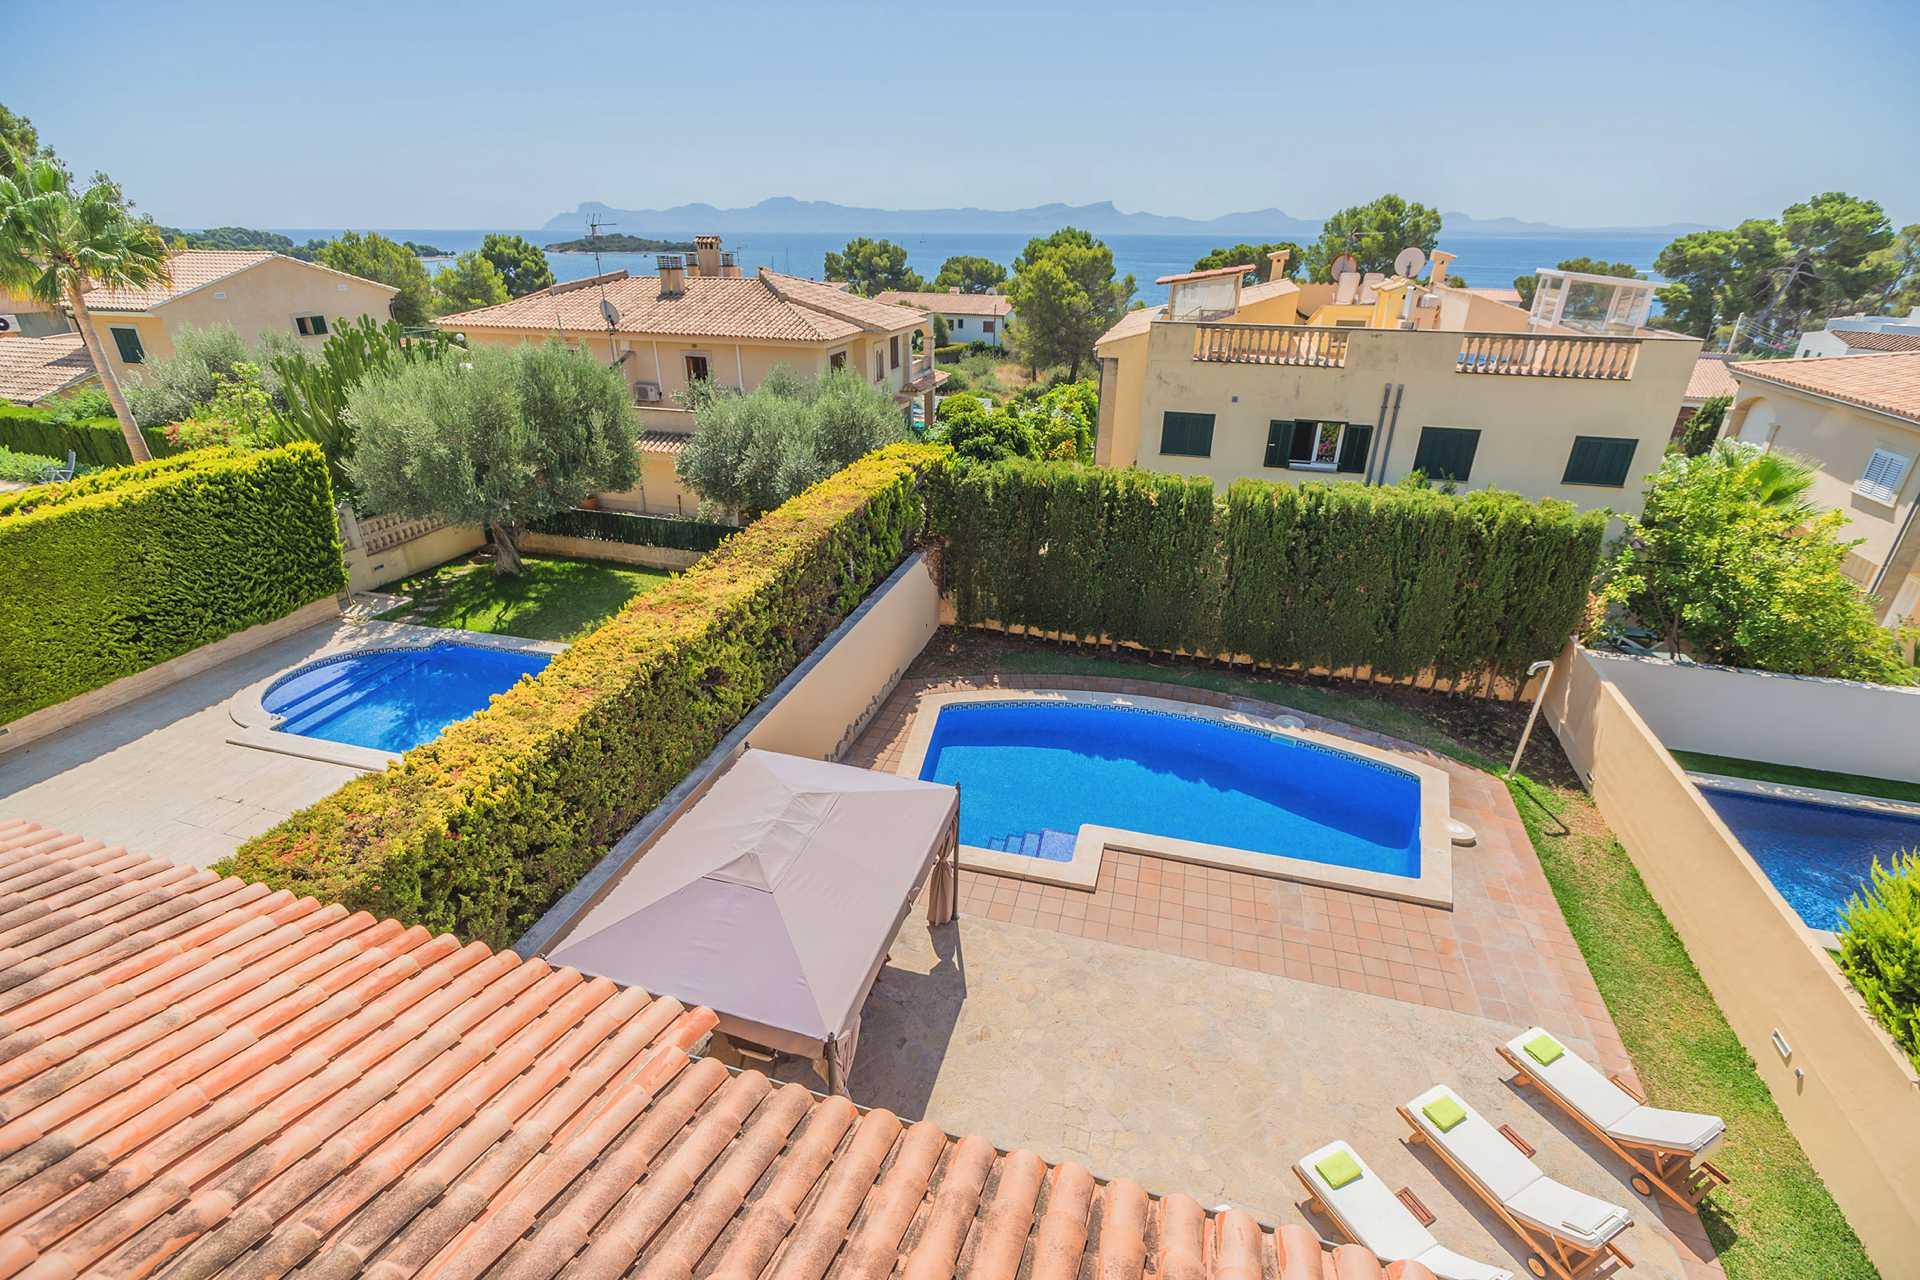 01-298 Golfplatz Chalet Mallorca Norden Bild 7